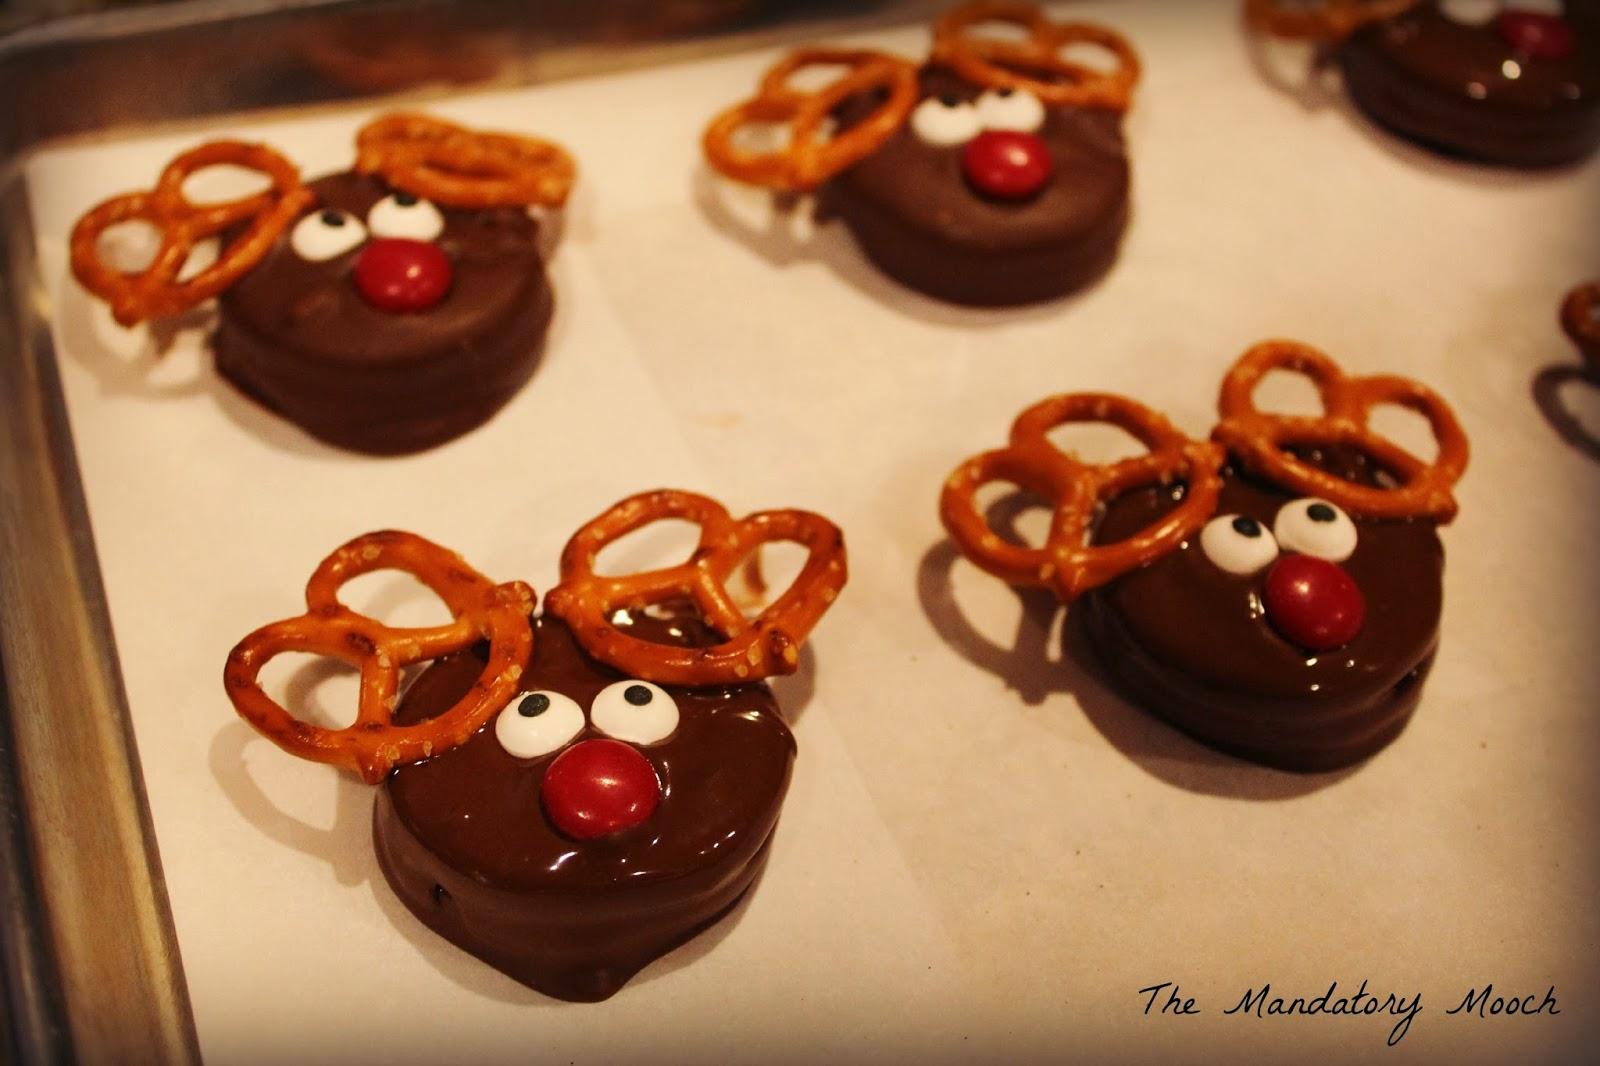 The Mandatory Mooch Dipped Oreo Reindeer Cookies